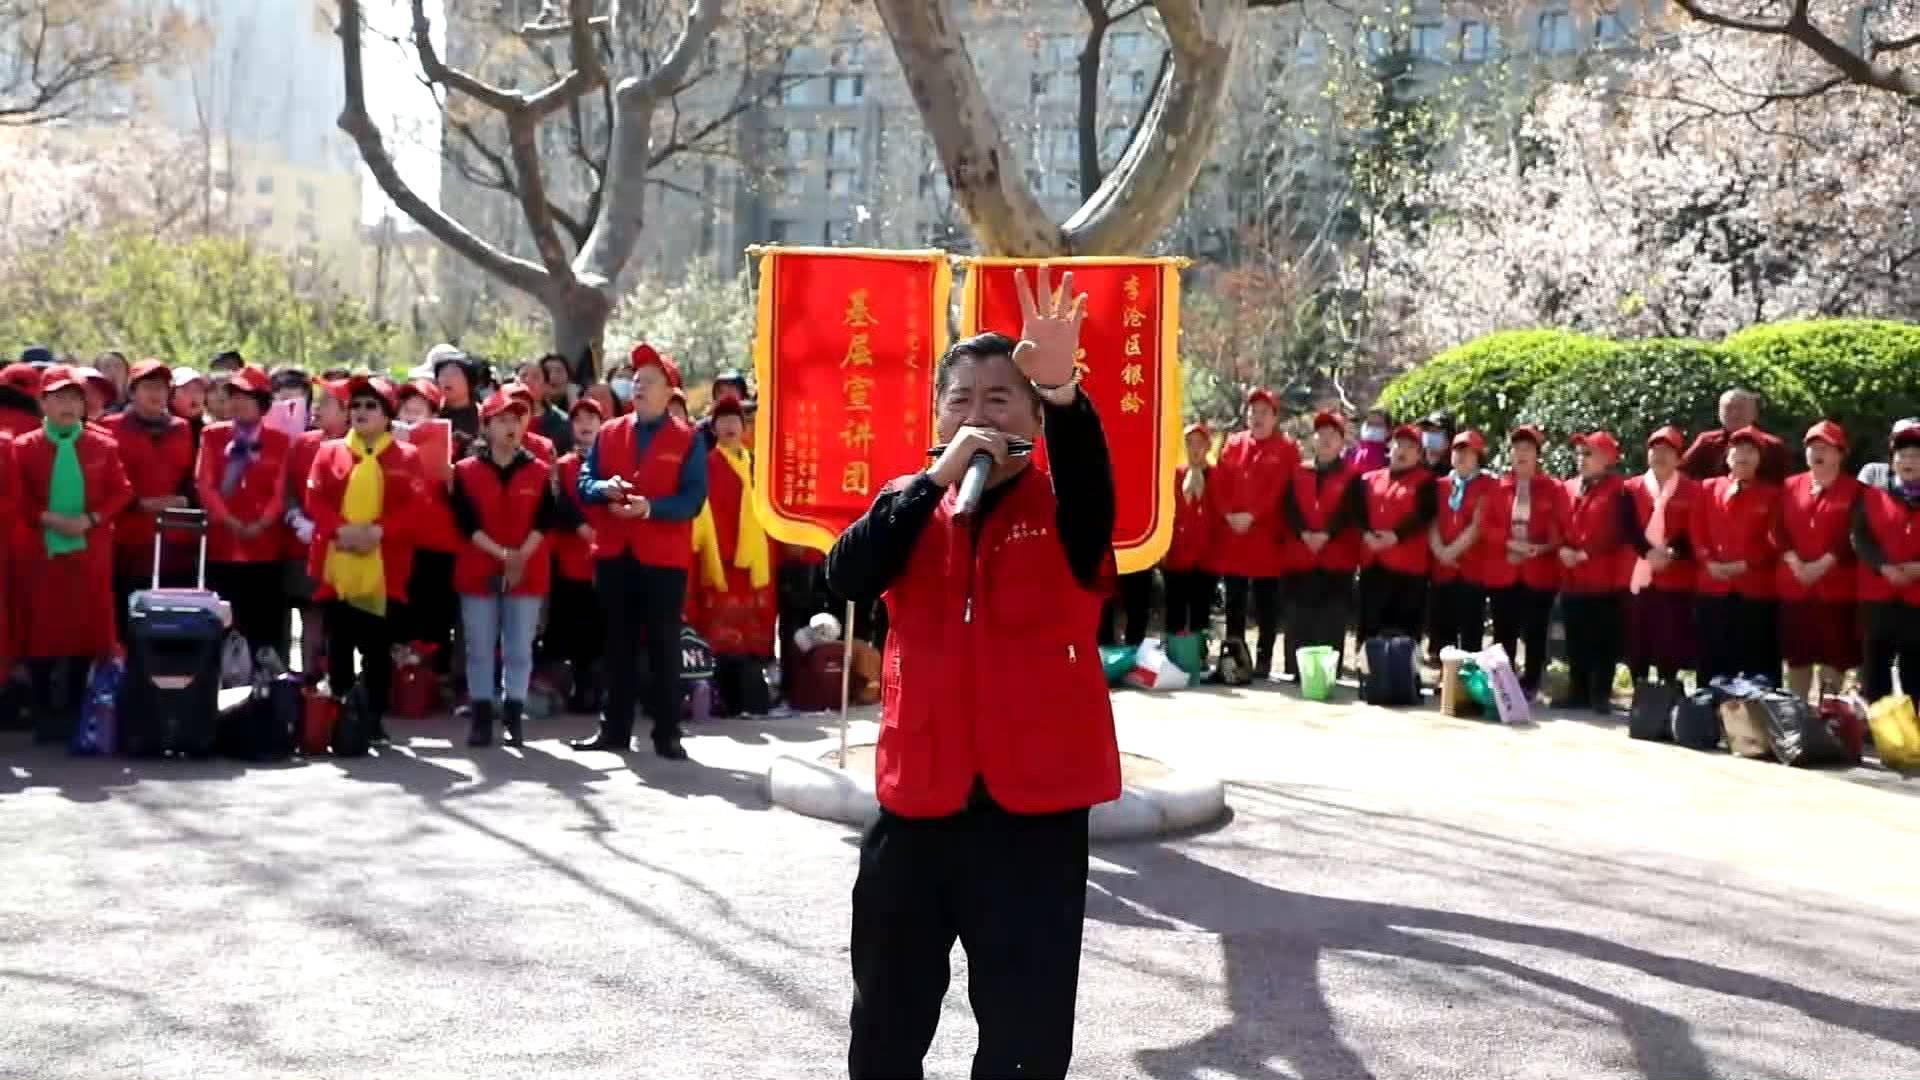 建党百年寻声|青岛李沧区银龄红歌合唱团:我把党史唱给你听